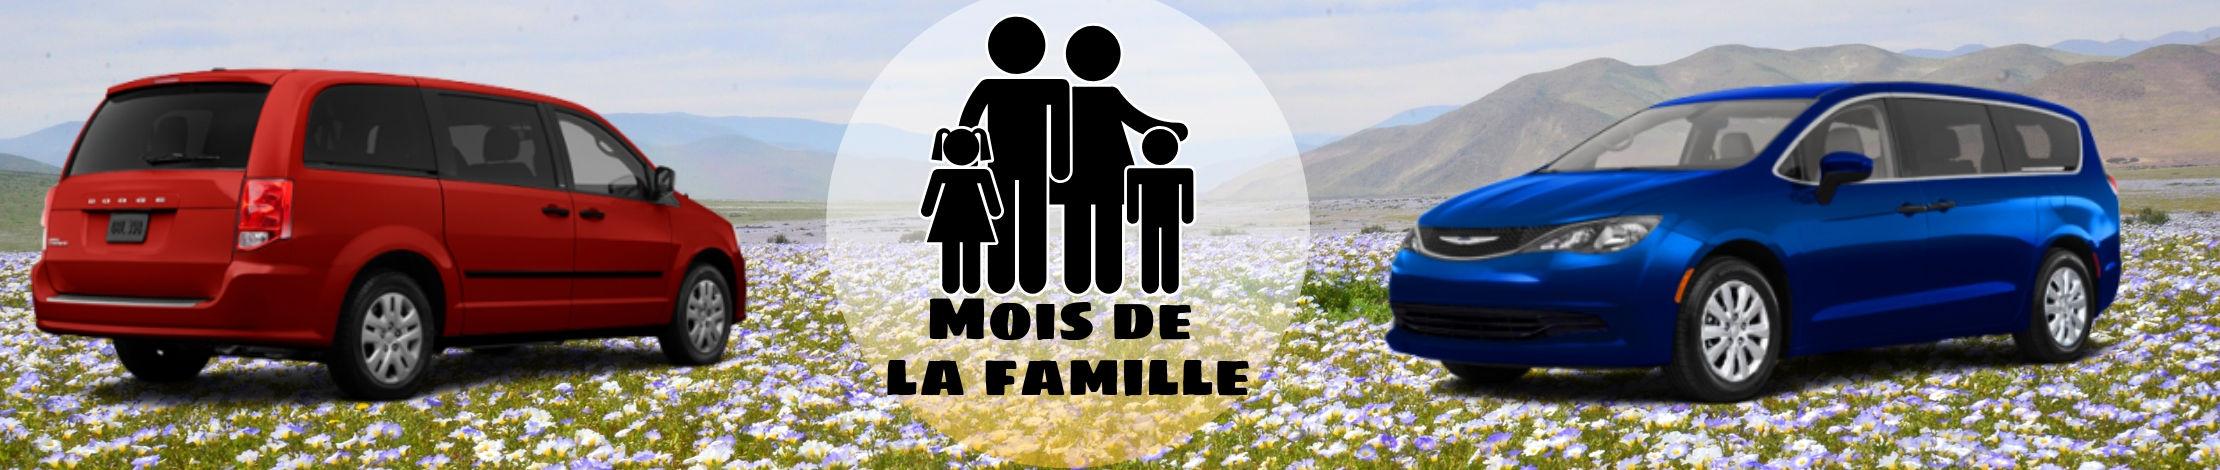 mois de la FAMILLE